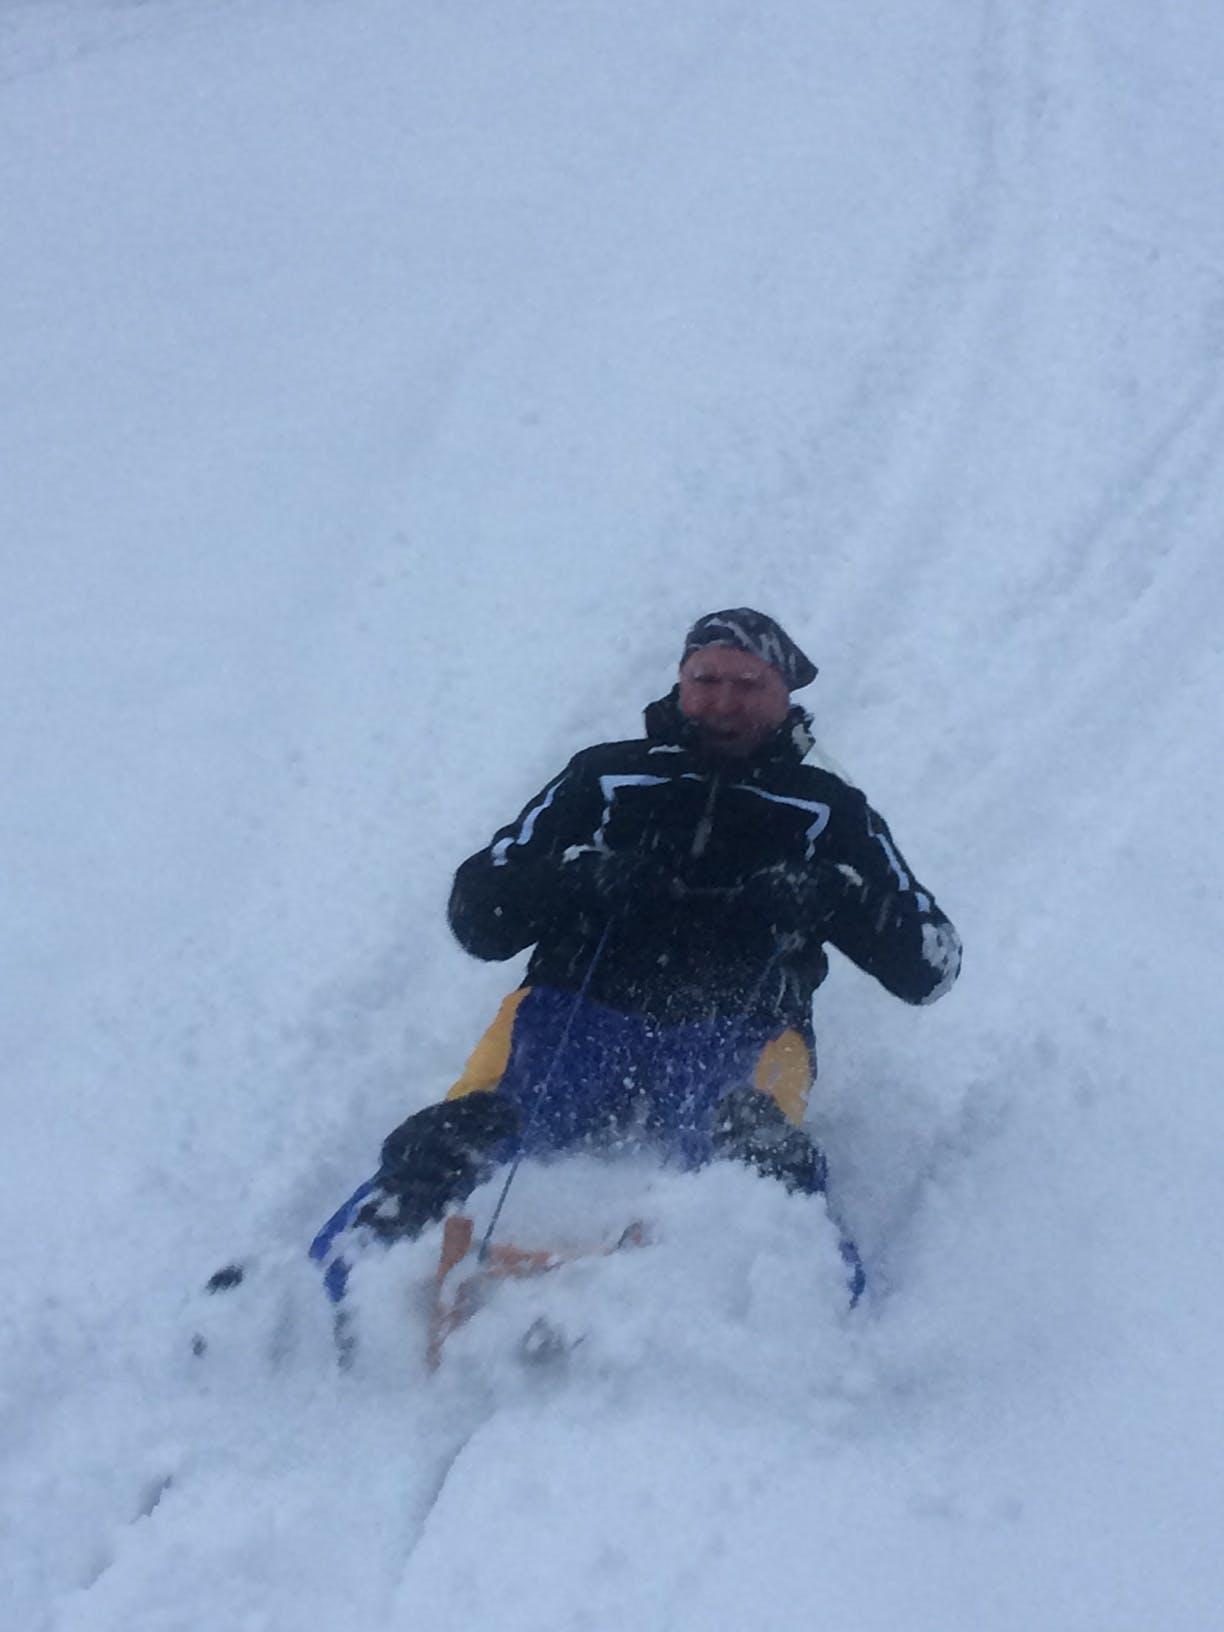 First winter in Switzerland